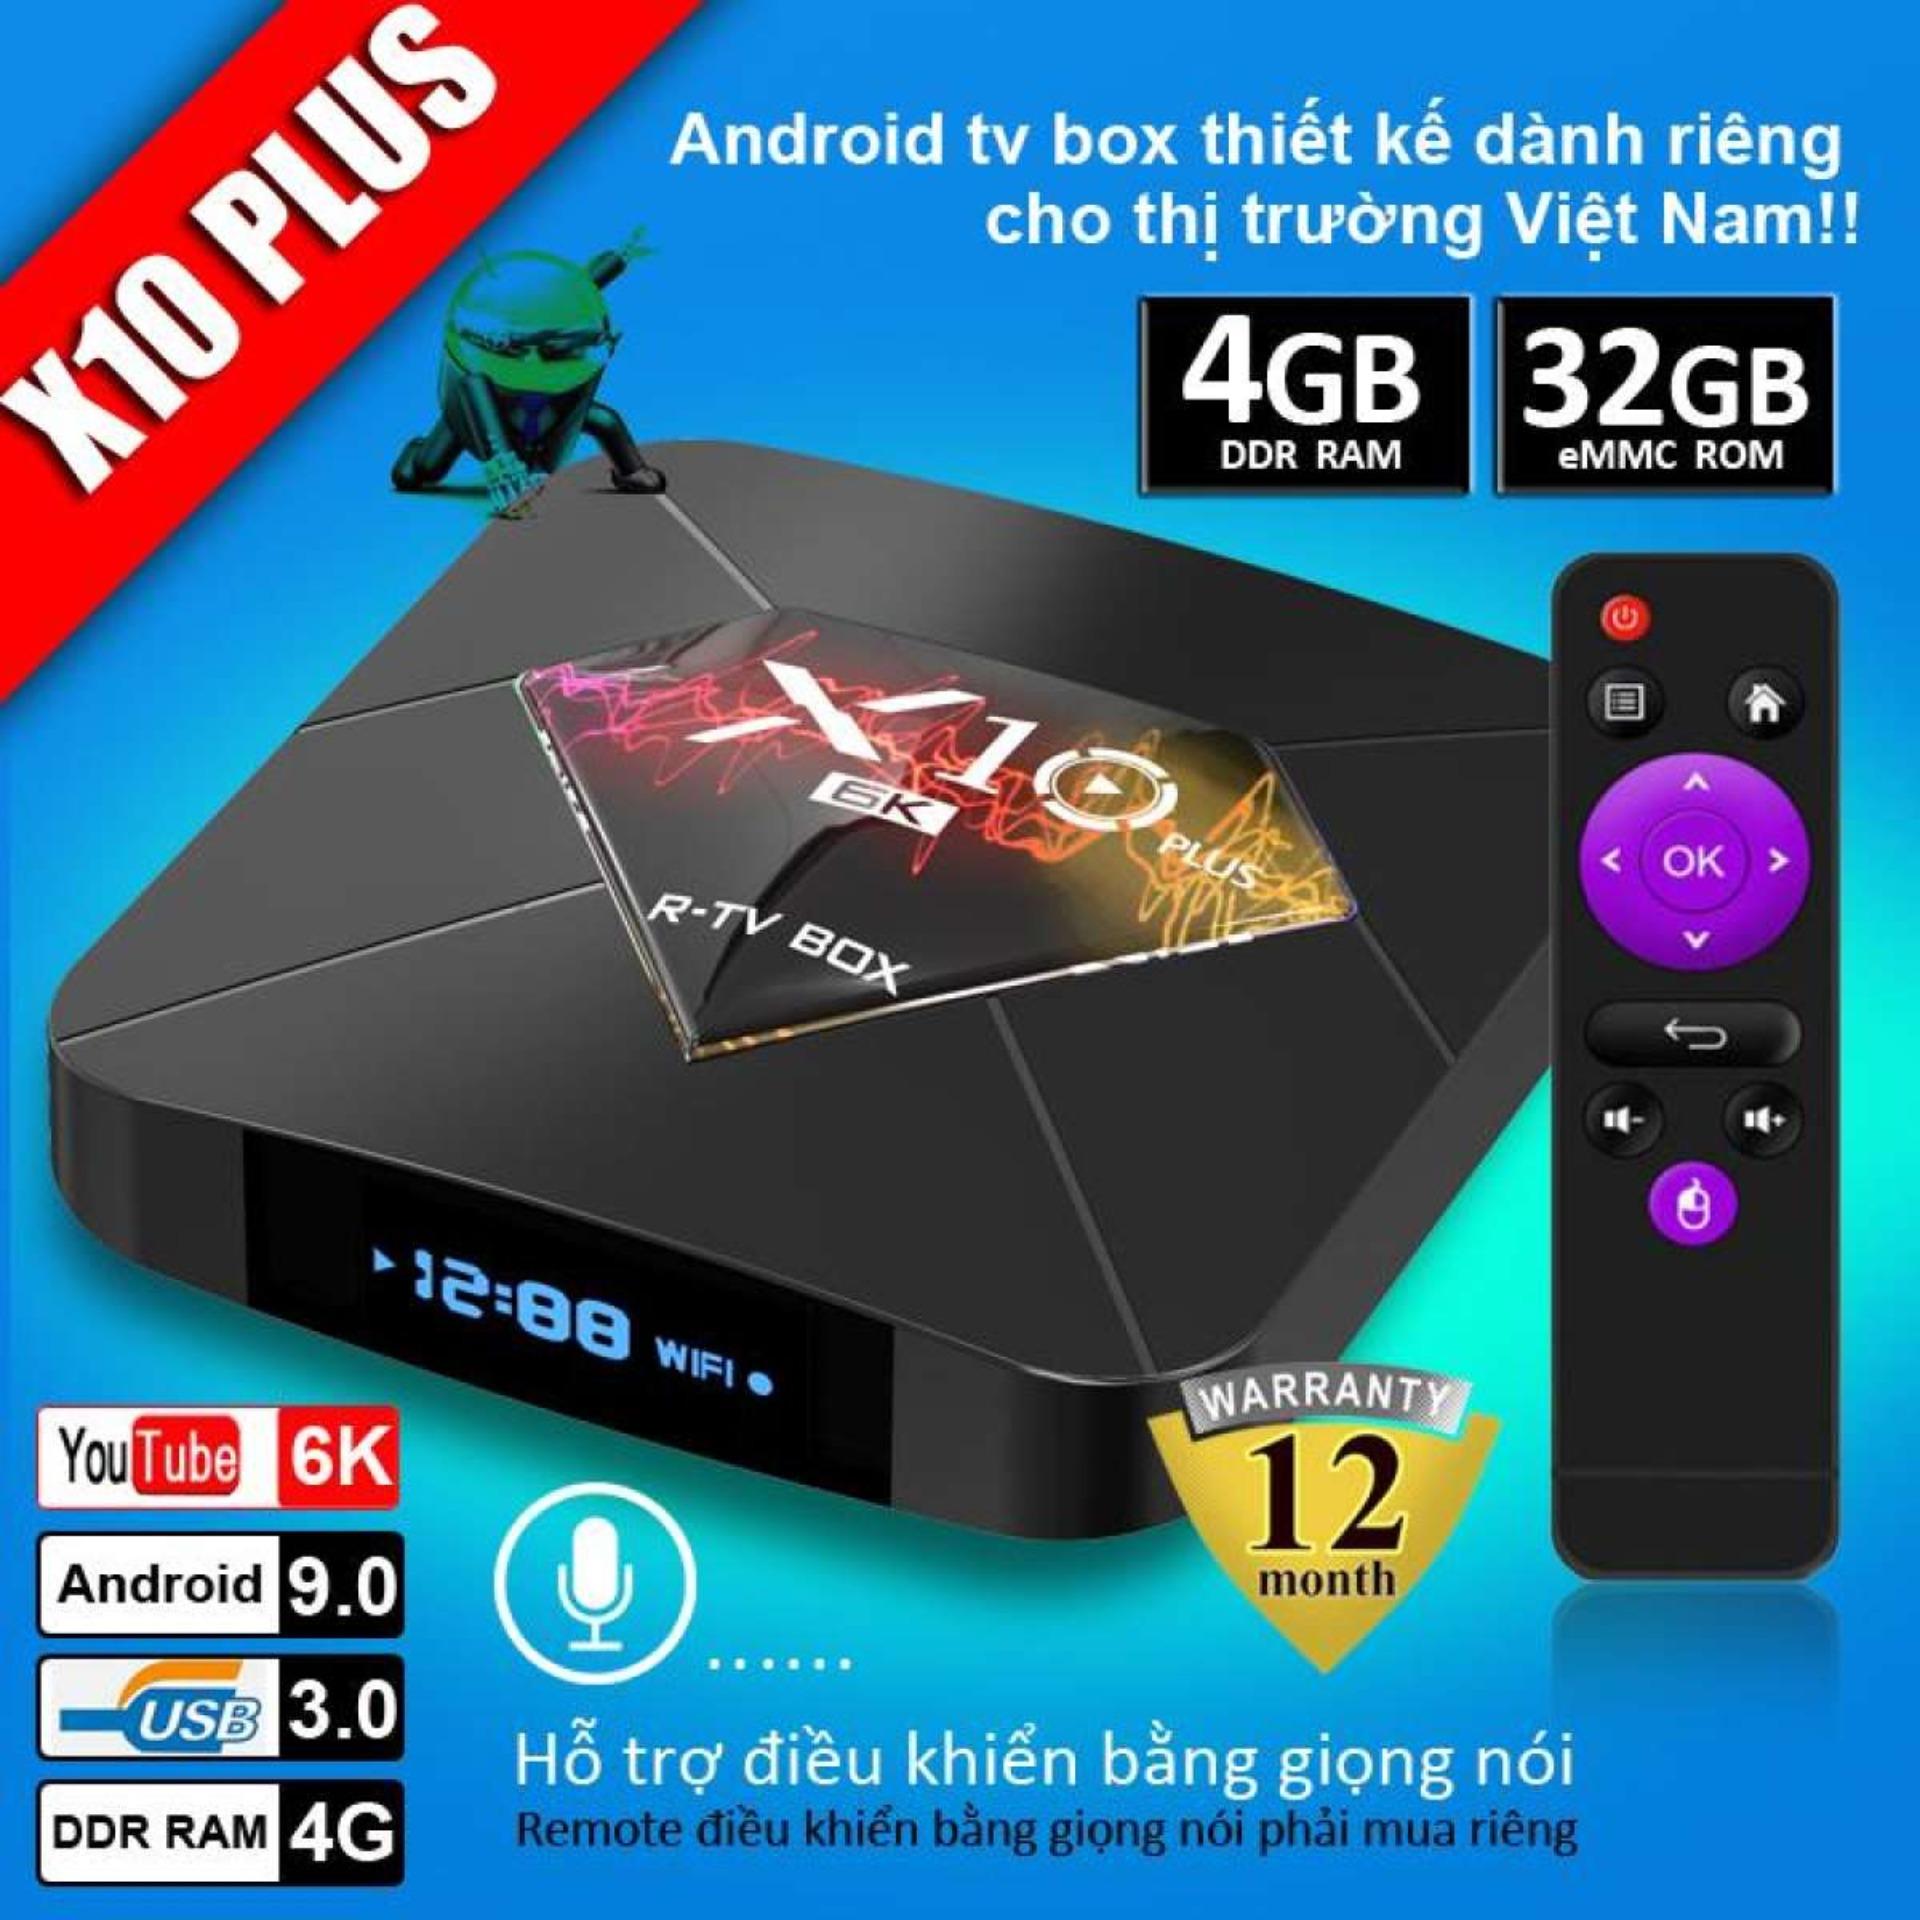 Offer Khuyến Mại [Tặng Cáp Sạc điện Thoại]Android TV Box X10 Plus 6K Hỗ Trợ Xem Chất Lượng HD, Ram 4GB, Bộ Nhớ Trong Lên Tới 32GB, Hệ điều Hành Android 9